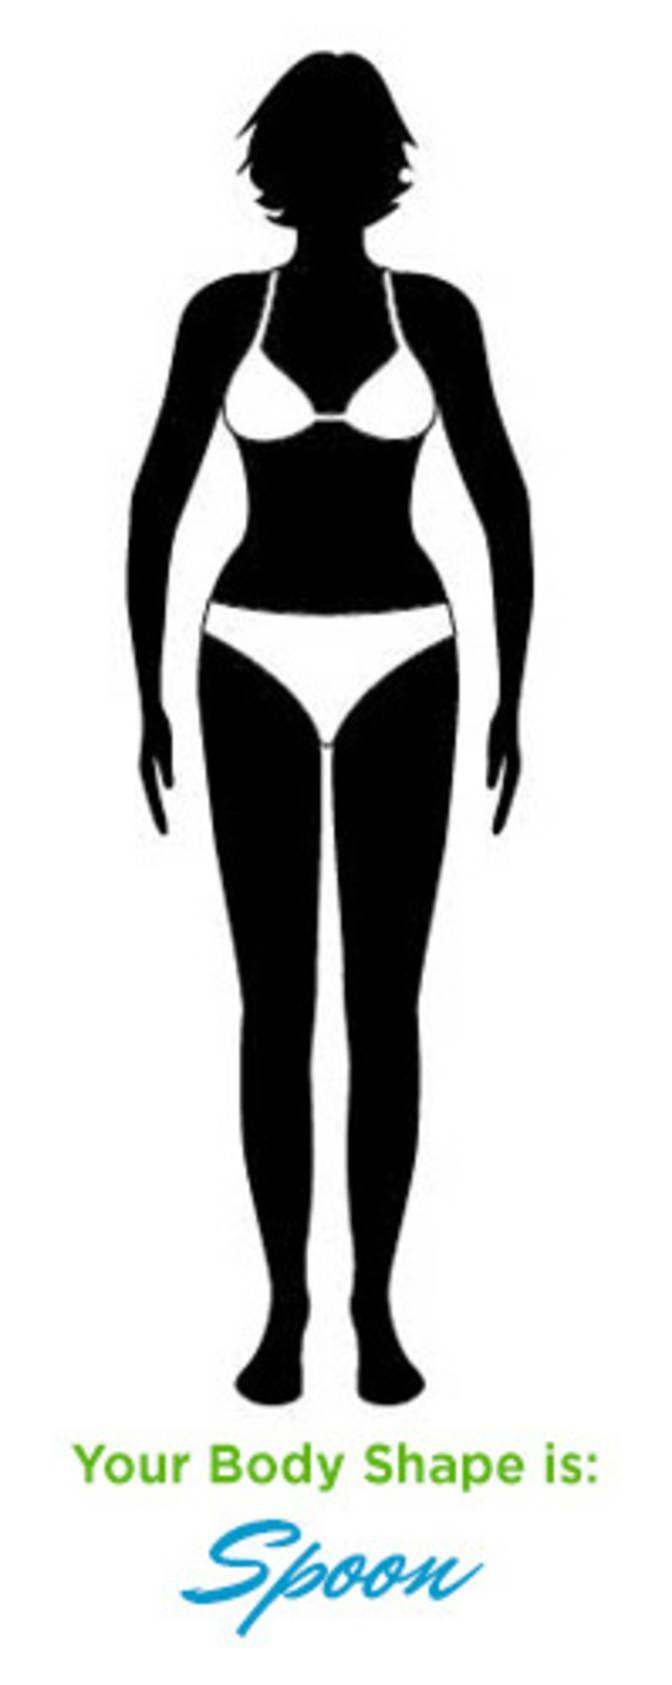 ảnh hình dáng cơ thể,hình dạng cơ thể,tiết lộ tính cách,mối quan hệ,lựa chọn bạn đời,tìm kiếm bạn đời